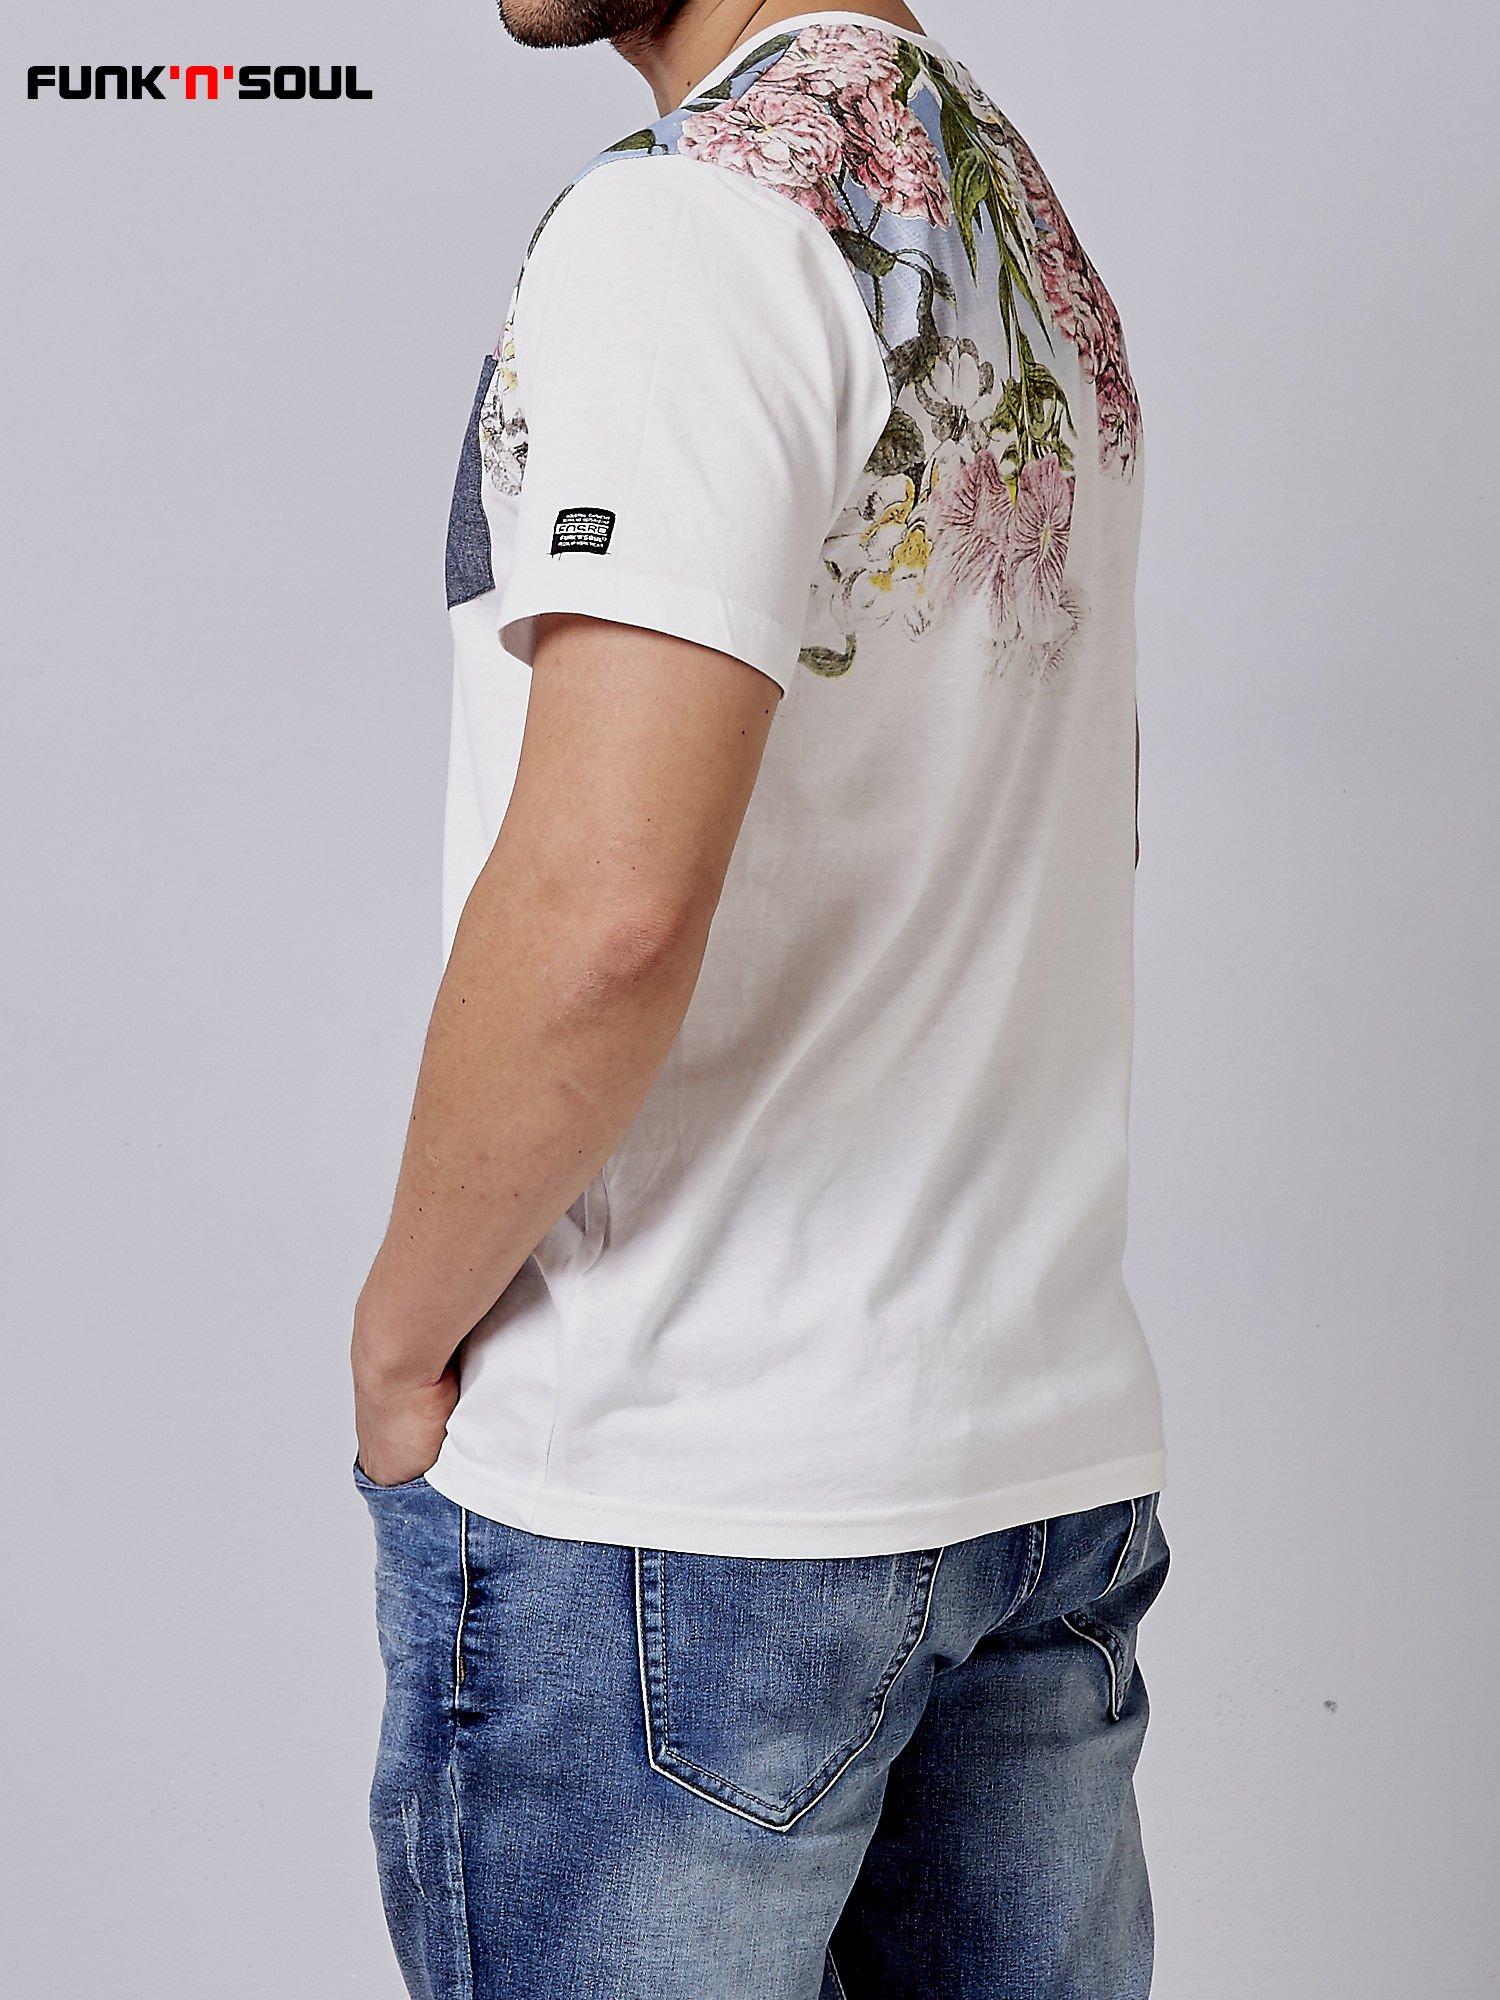 Biały t-shirt męski hipster w kwiaty Funk n Soul                                  zdj.                                  4